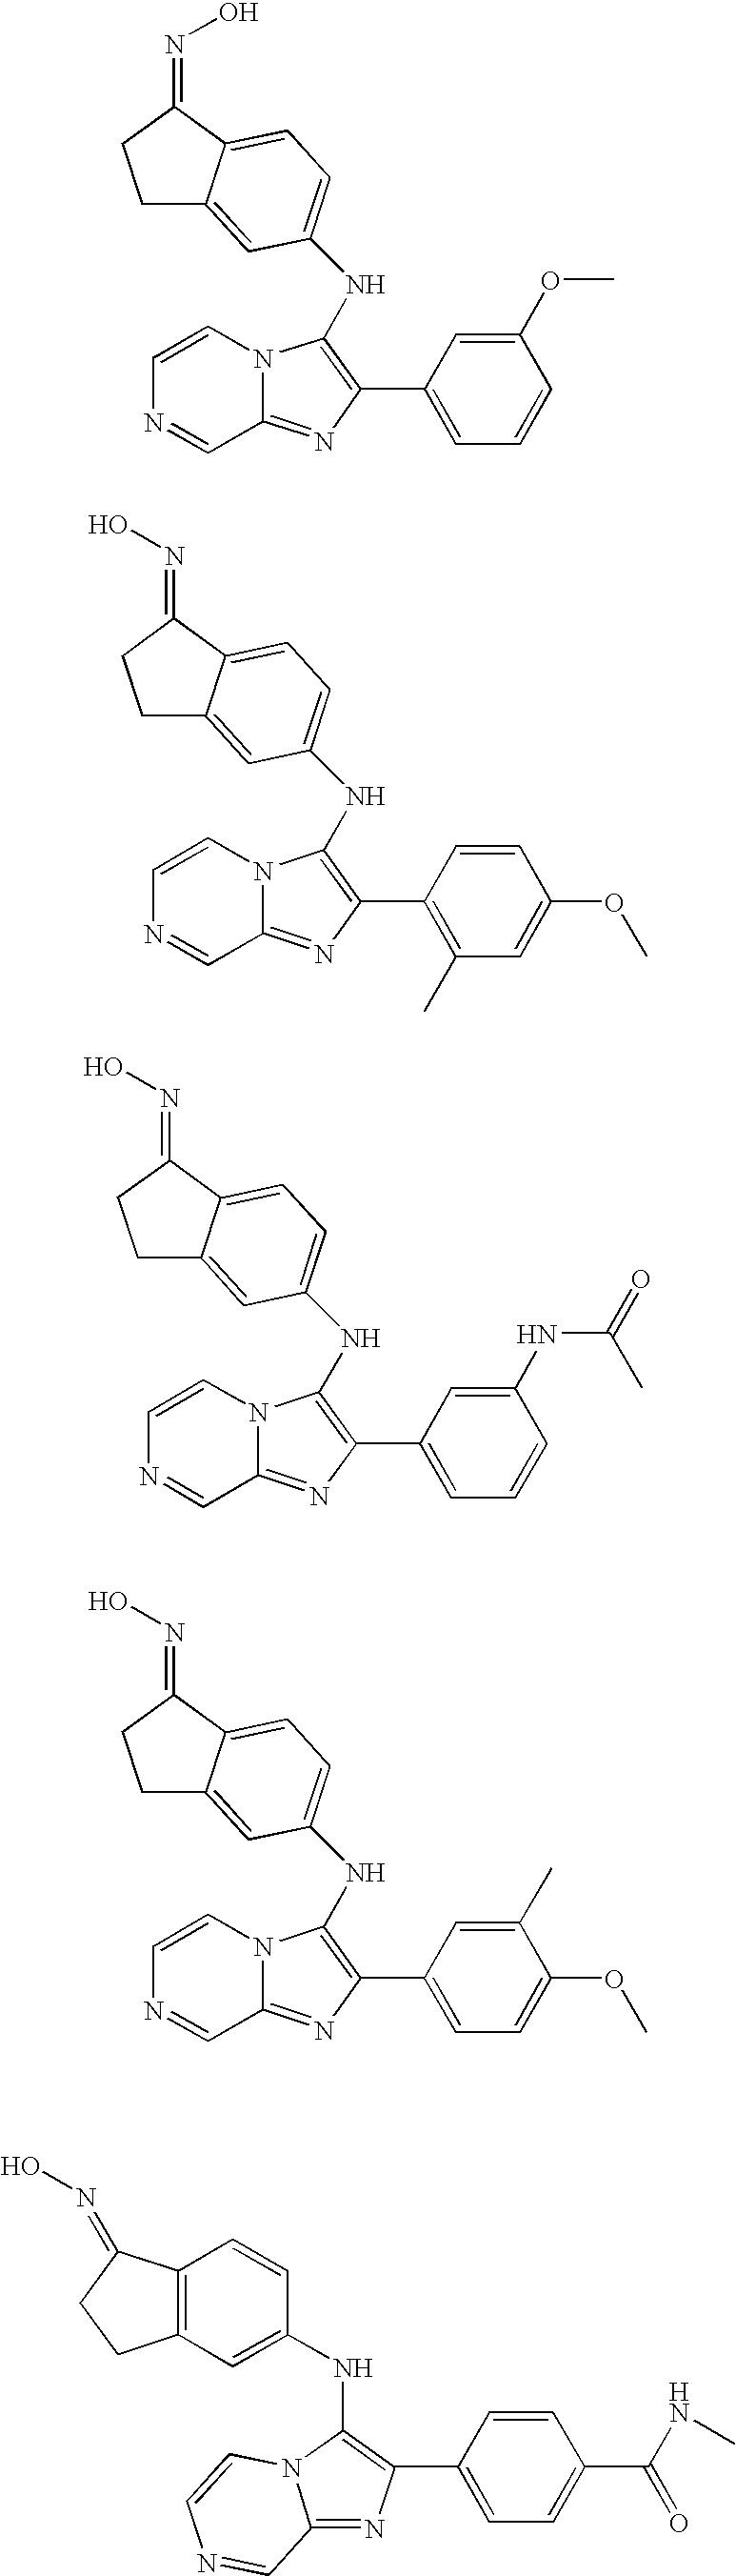 Figure US07566716-20090728-C00140